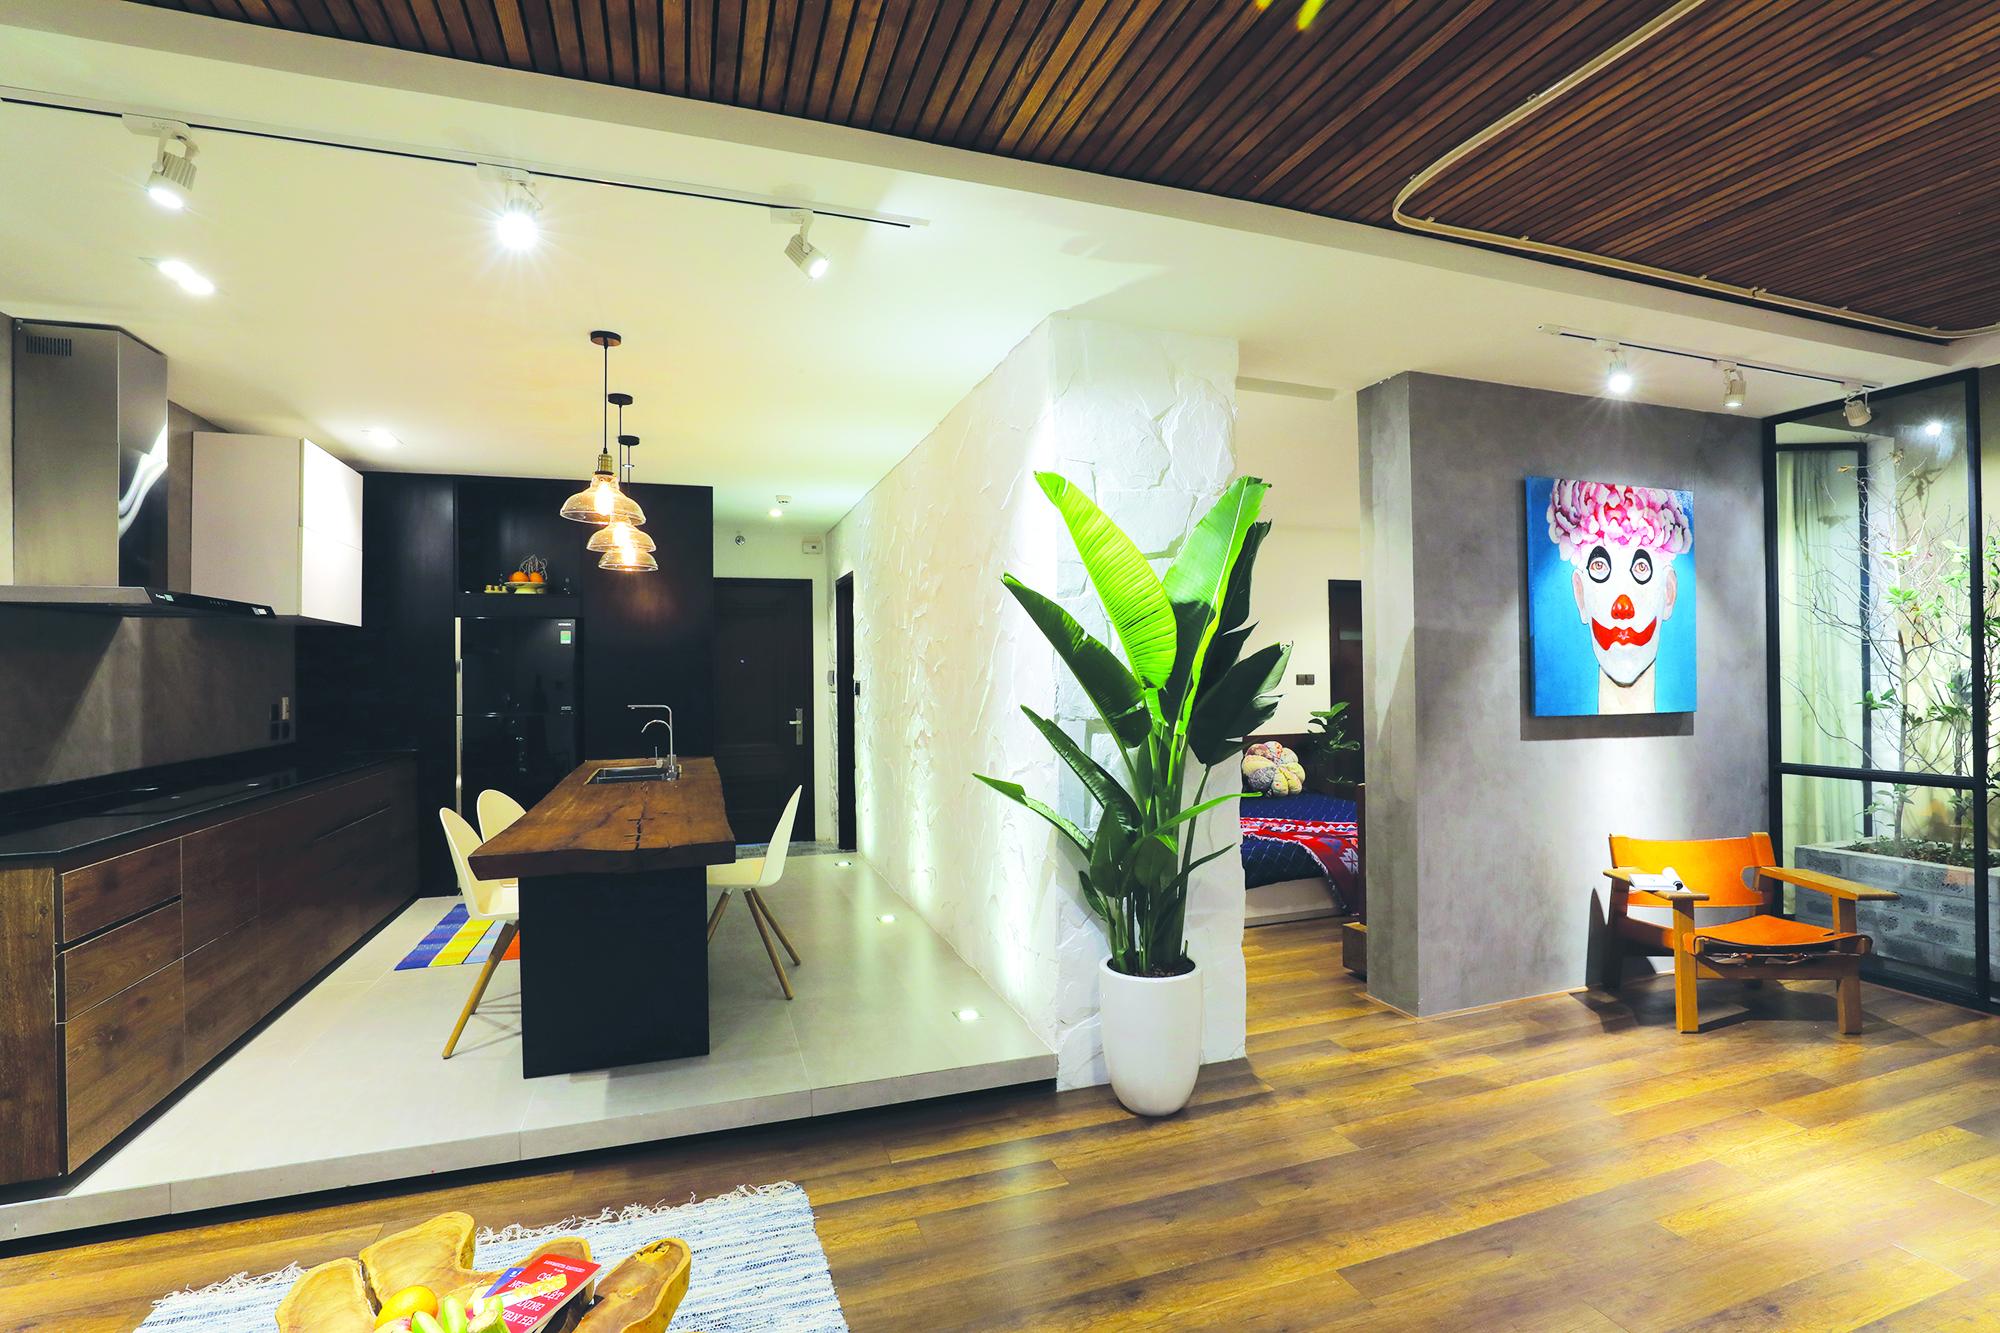 Không gian mở rộng cho các hoạt động chung của căn hộ